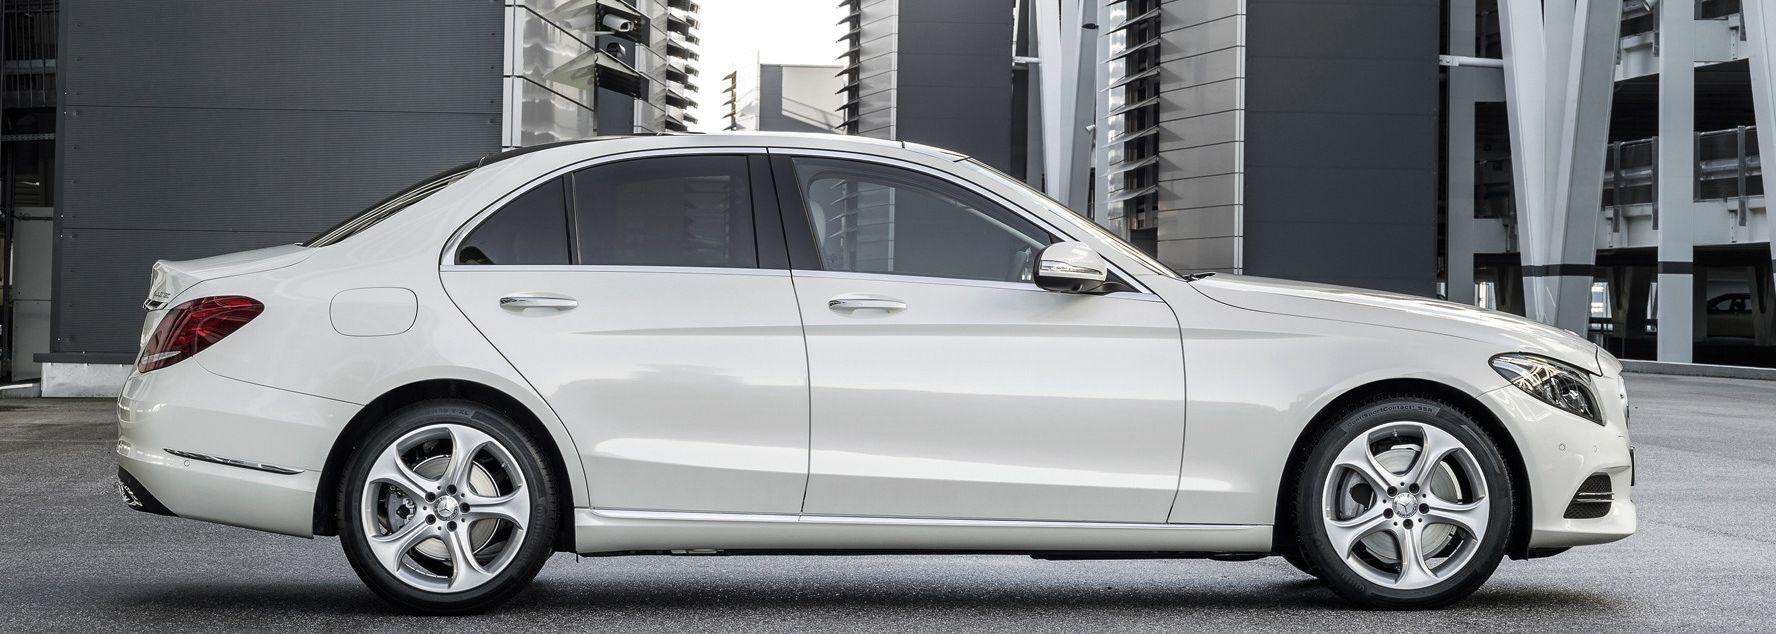 Mercedes benz c klasse limousine lueg for Mercedes benz service c